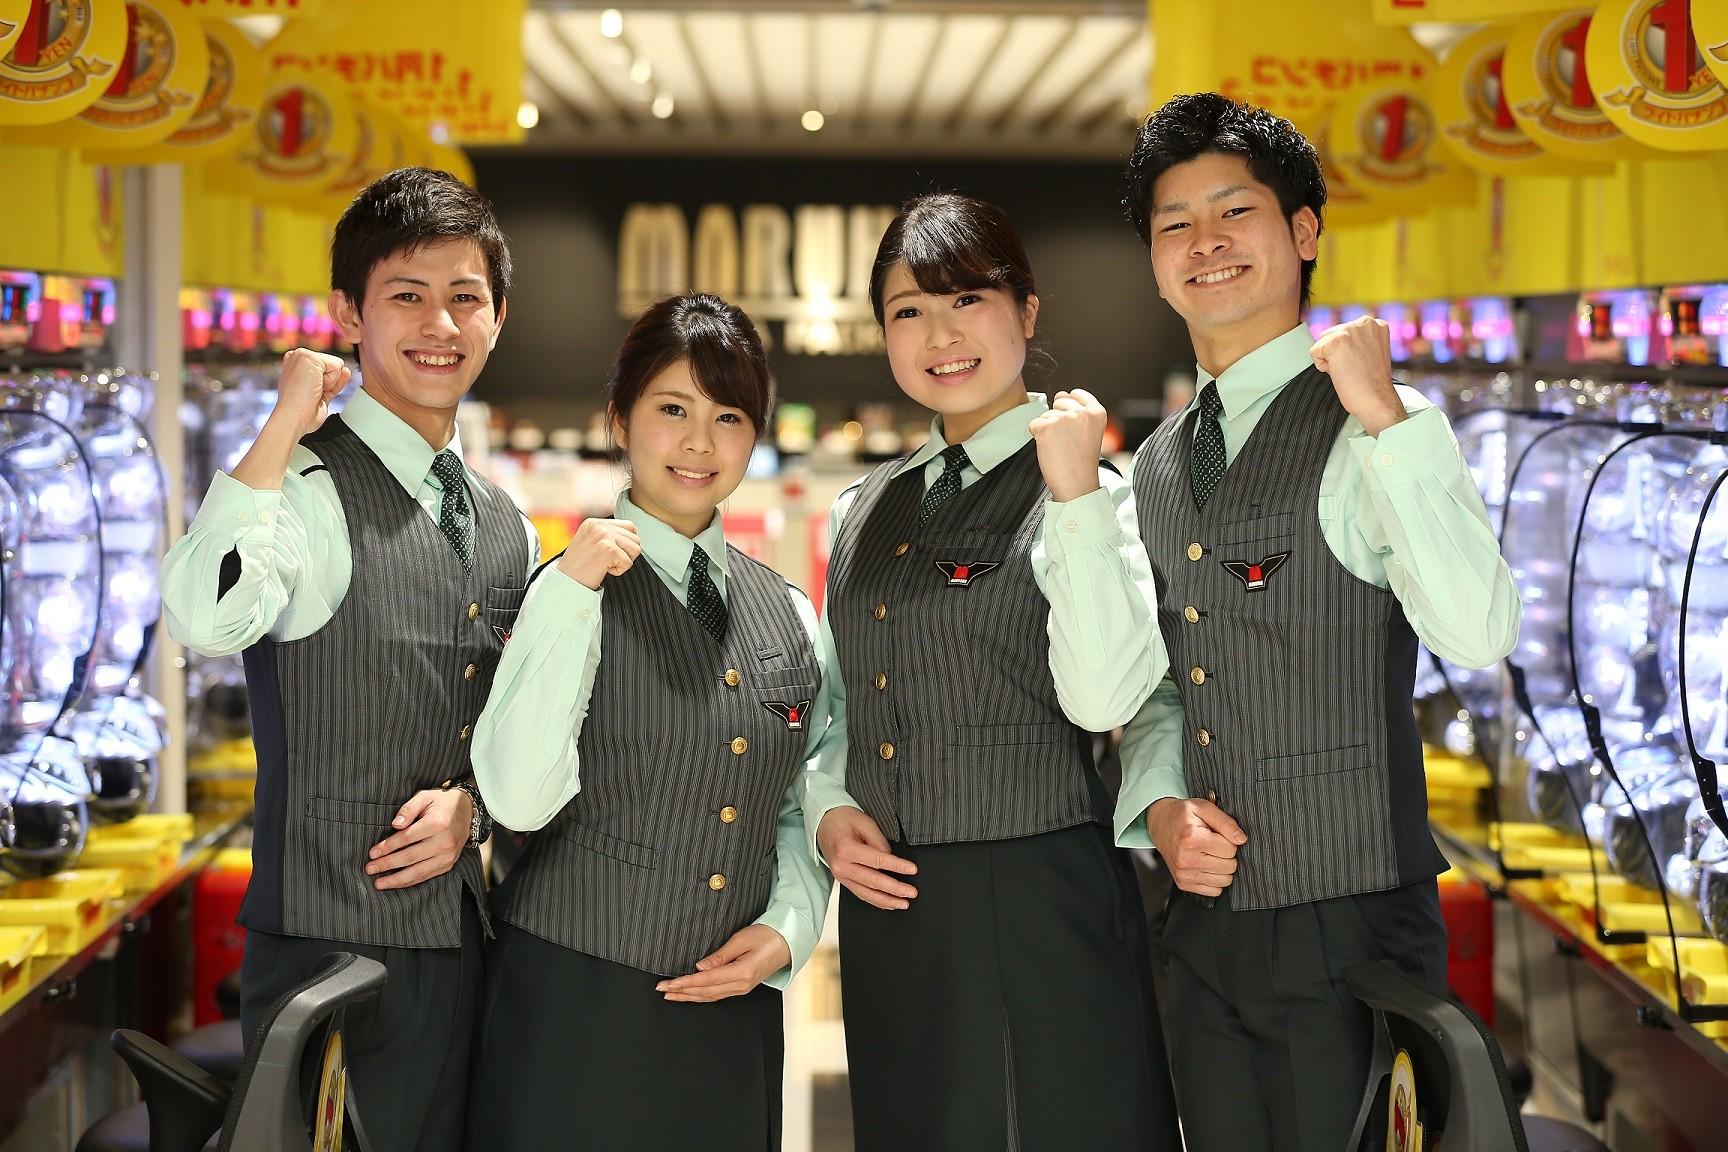 マルハン 伊川谷店[2909]のアルバイト情報